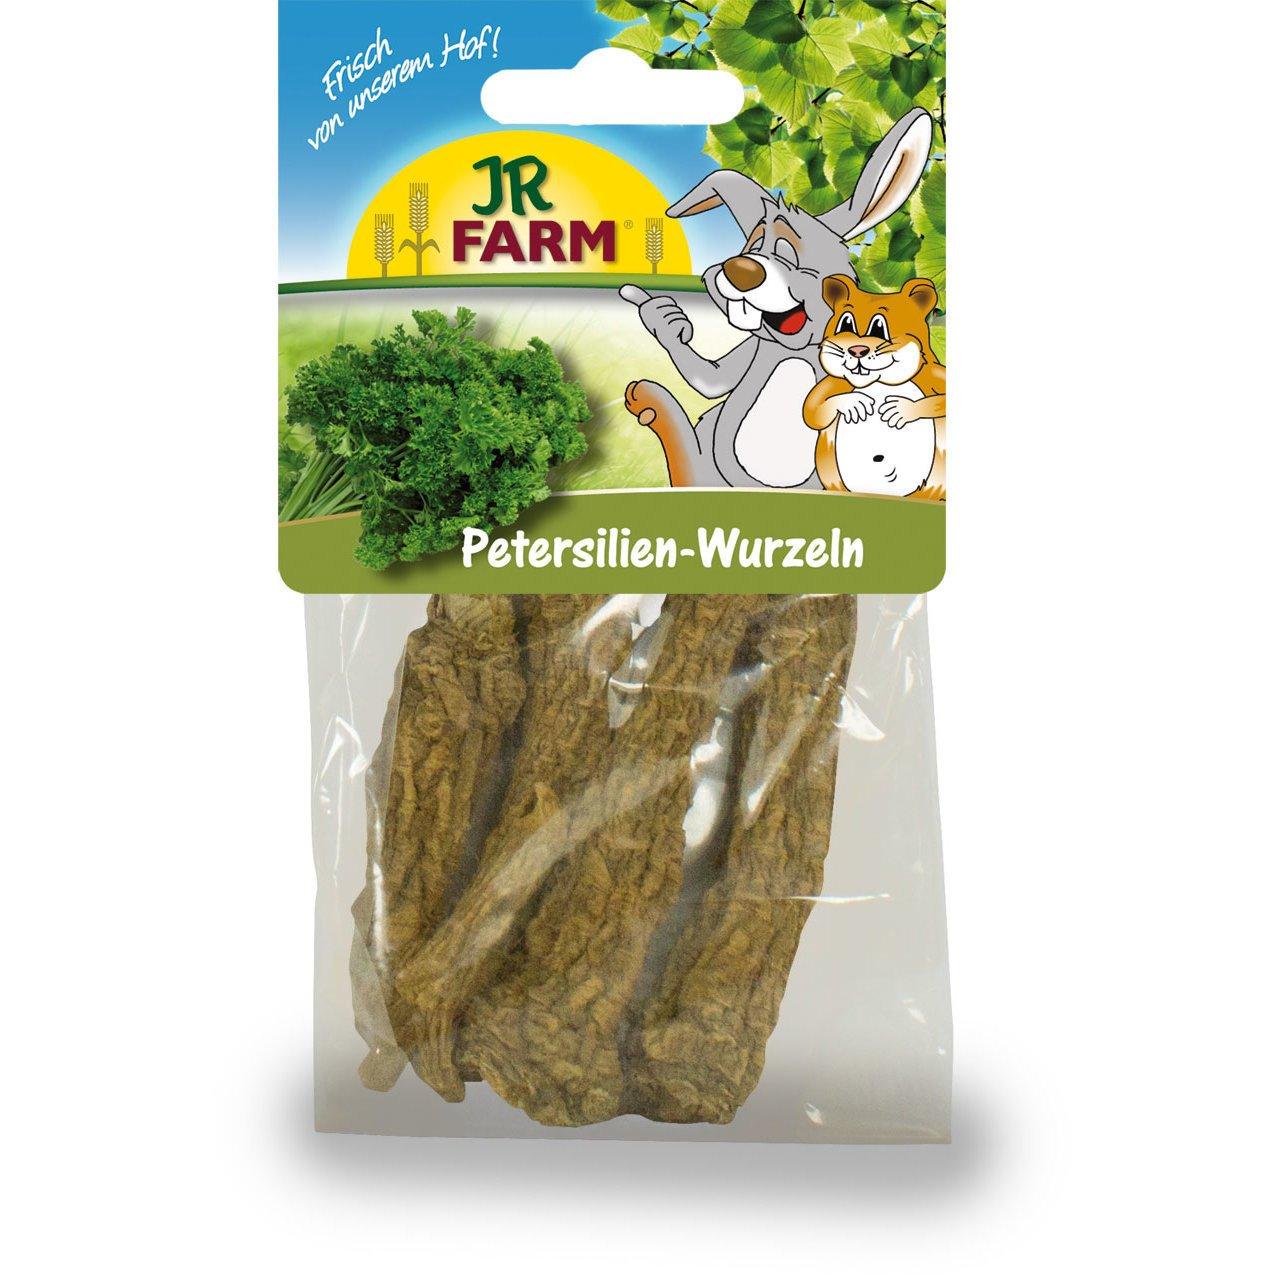 JR Farm Petersilien Wurzeln, 50 g